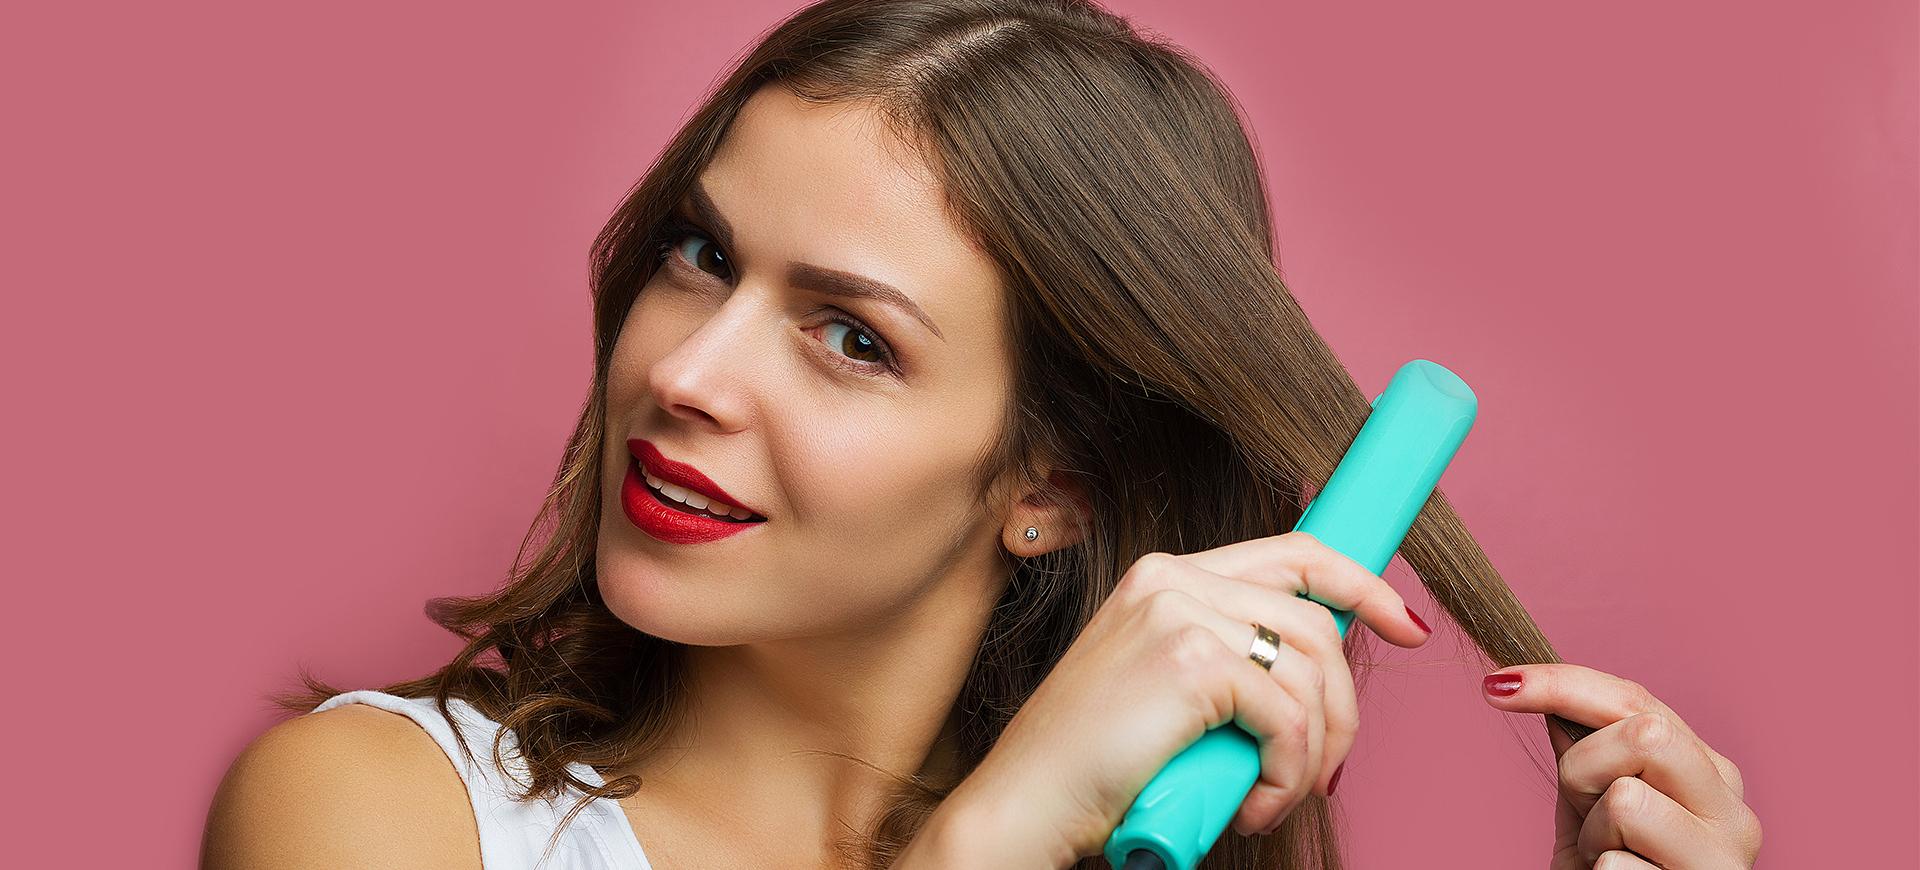 8 vanliga misstag du gör när du plattar håret (du är definitivt ... 9b64bd88f1fd4